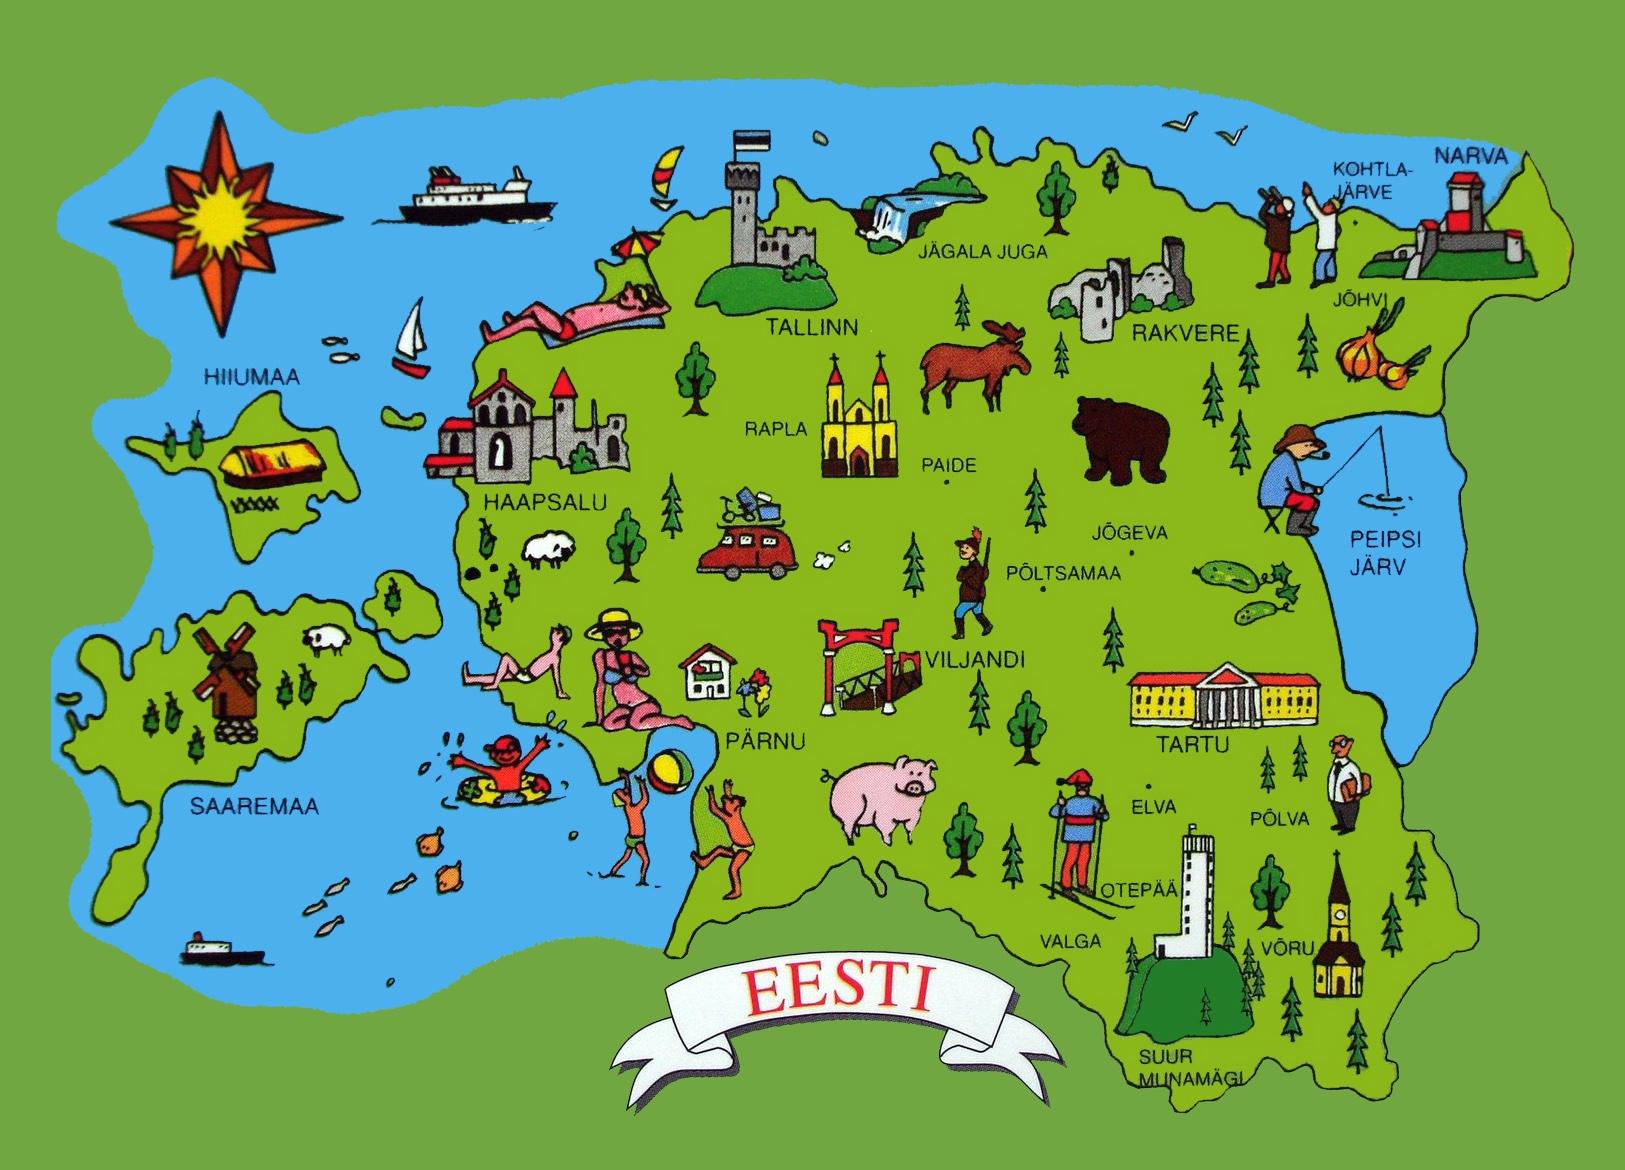 Mapa turístico de Estonia